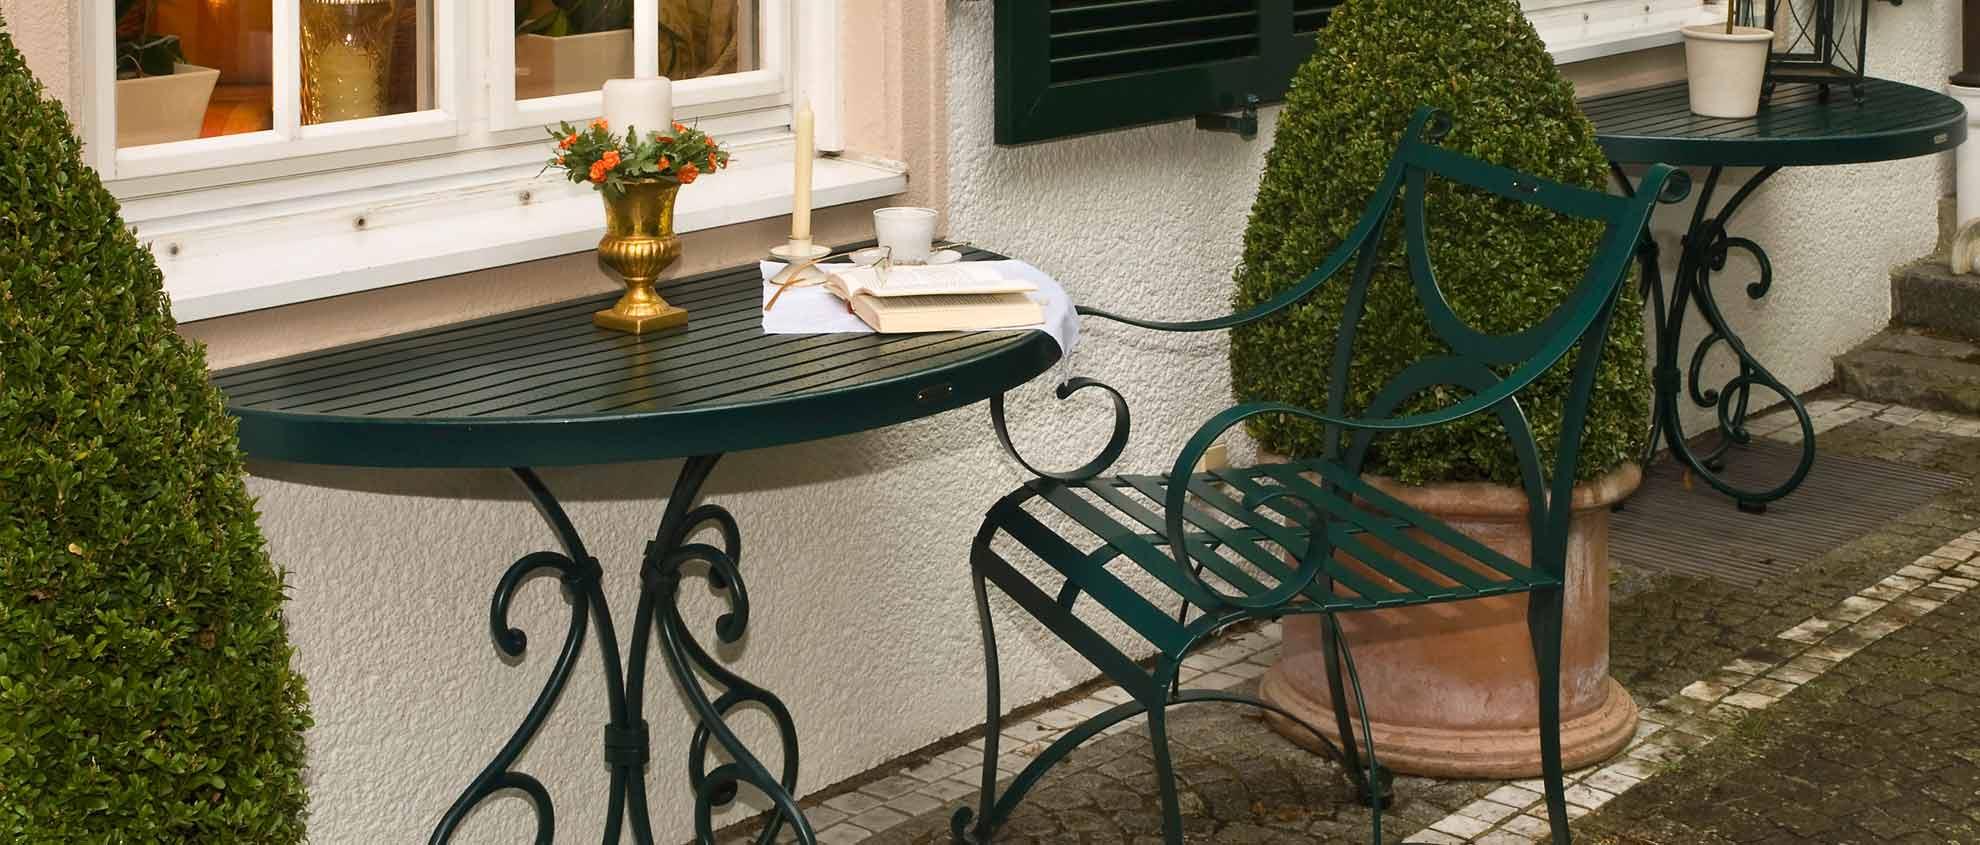 Wandtisch halbrund Edelstahl in Dunkelgrün